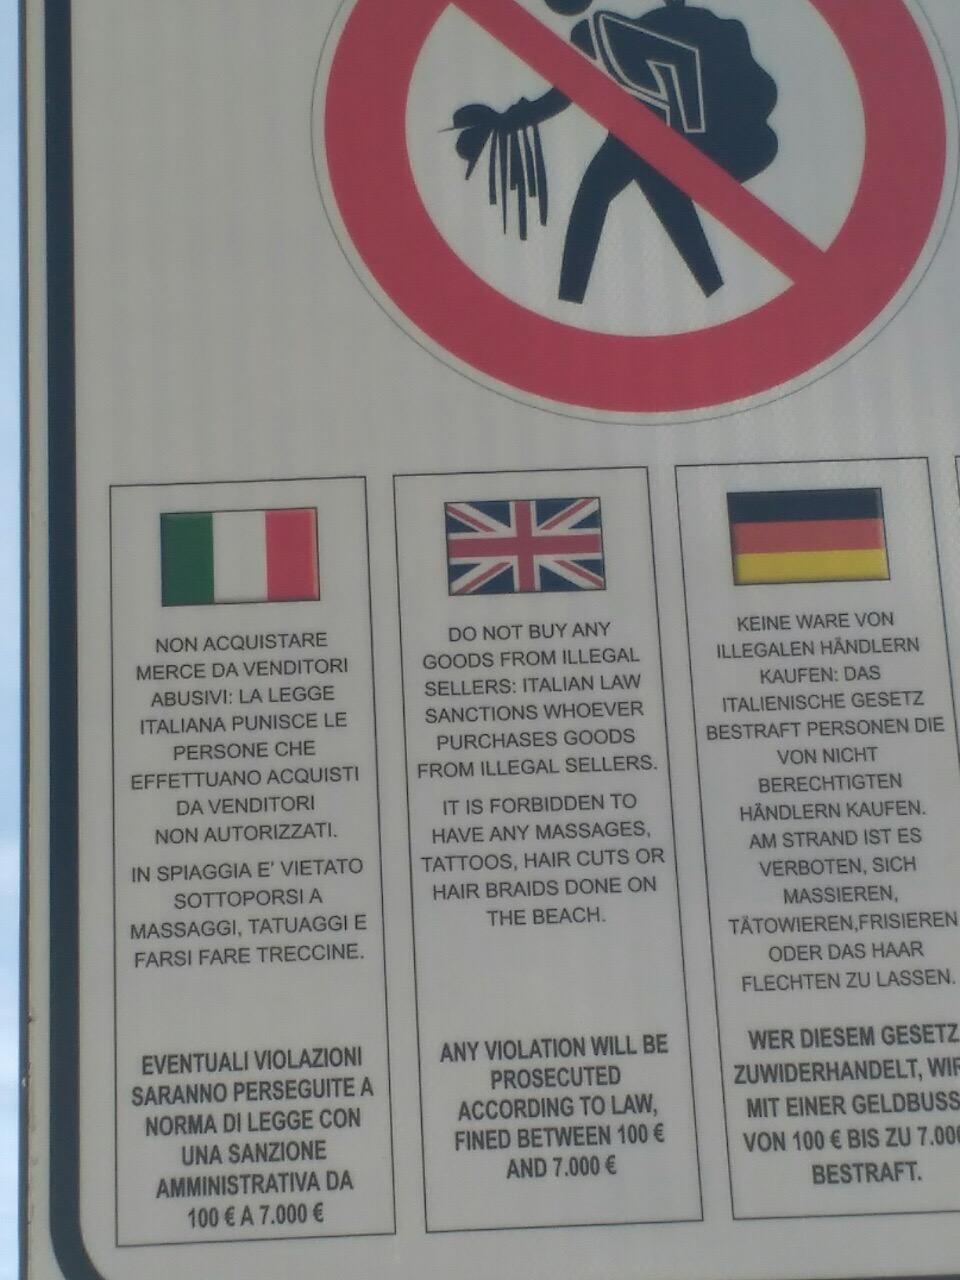 Штраф за покупки у нелегальных продавцов, на одном из пляжей Италии